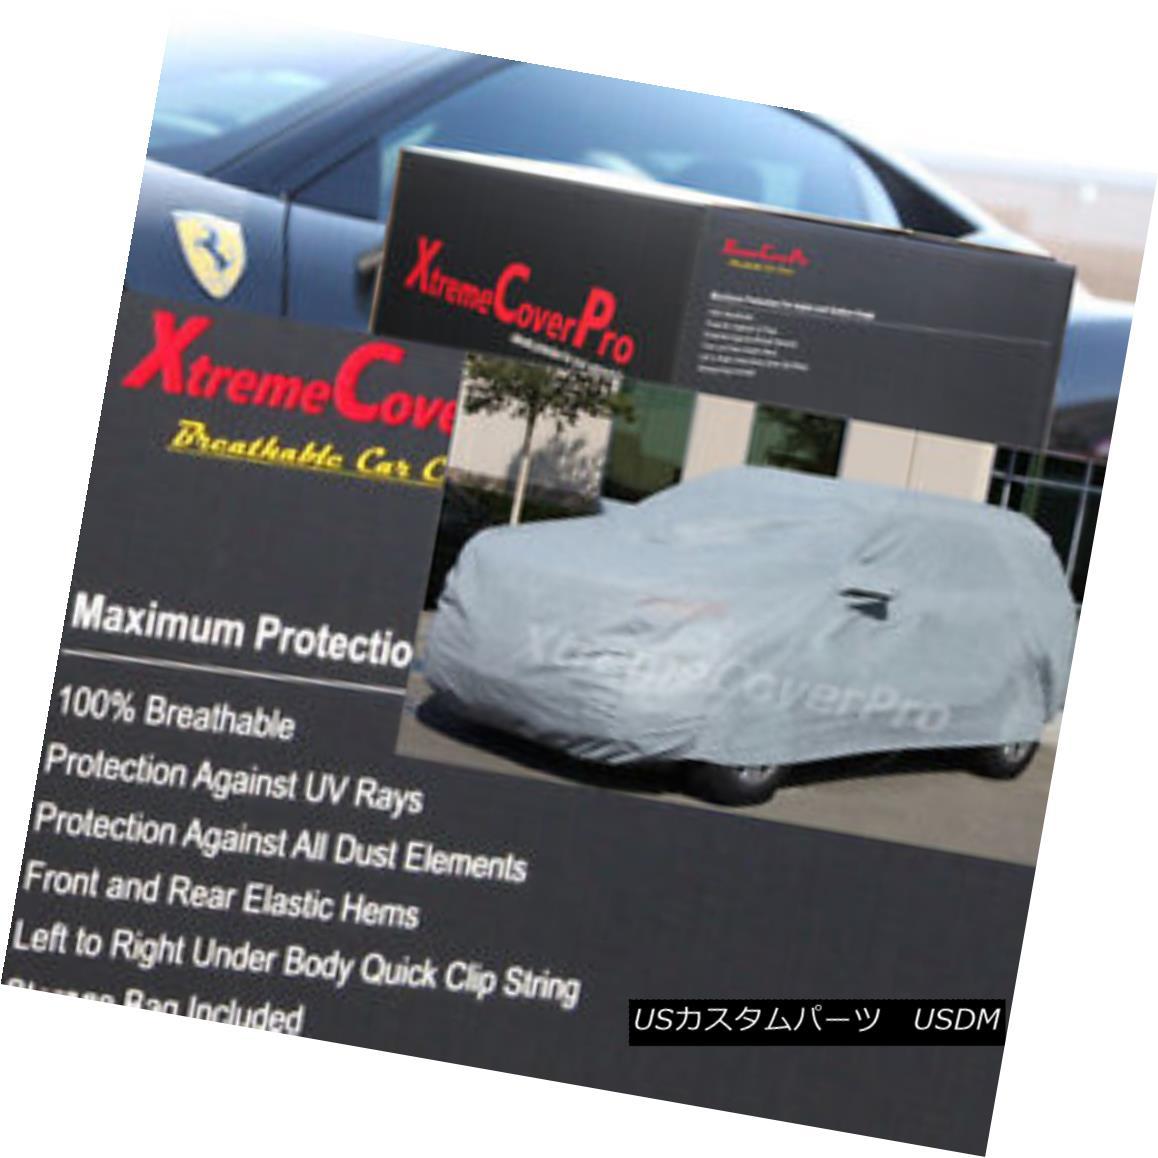 カーカバー 2010 2011 2012 2013 GMC Yukon SWB Breathable Car Cover w/MirrorPocket 2010年2011年2012年2013年GMCユーコンSWB通気性車カバー付きMirrorPocket